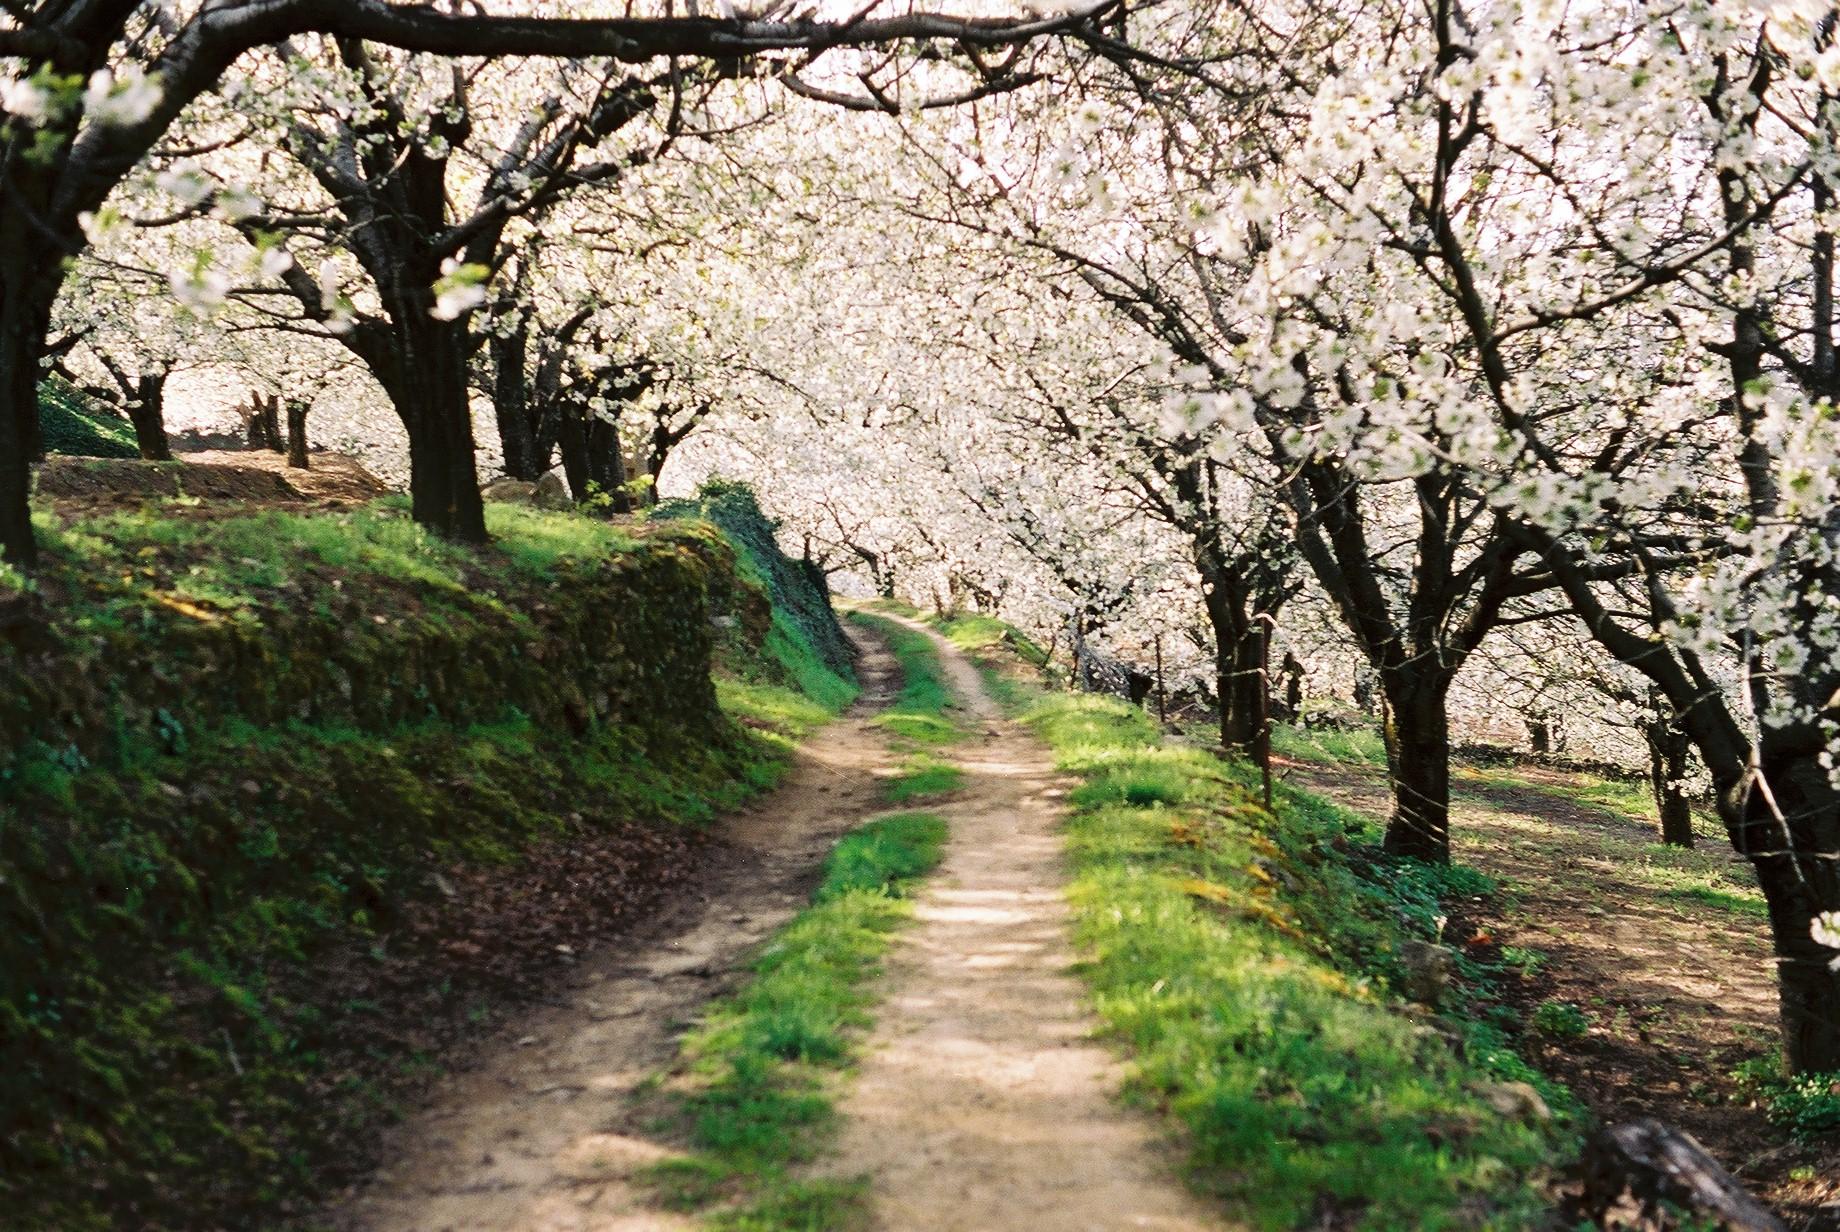 Camino entre el bosque de cerezos en flor © victor estrada diaz